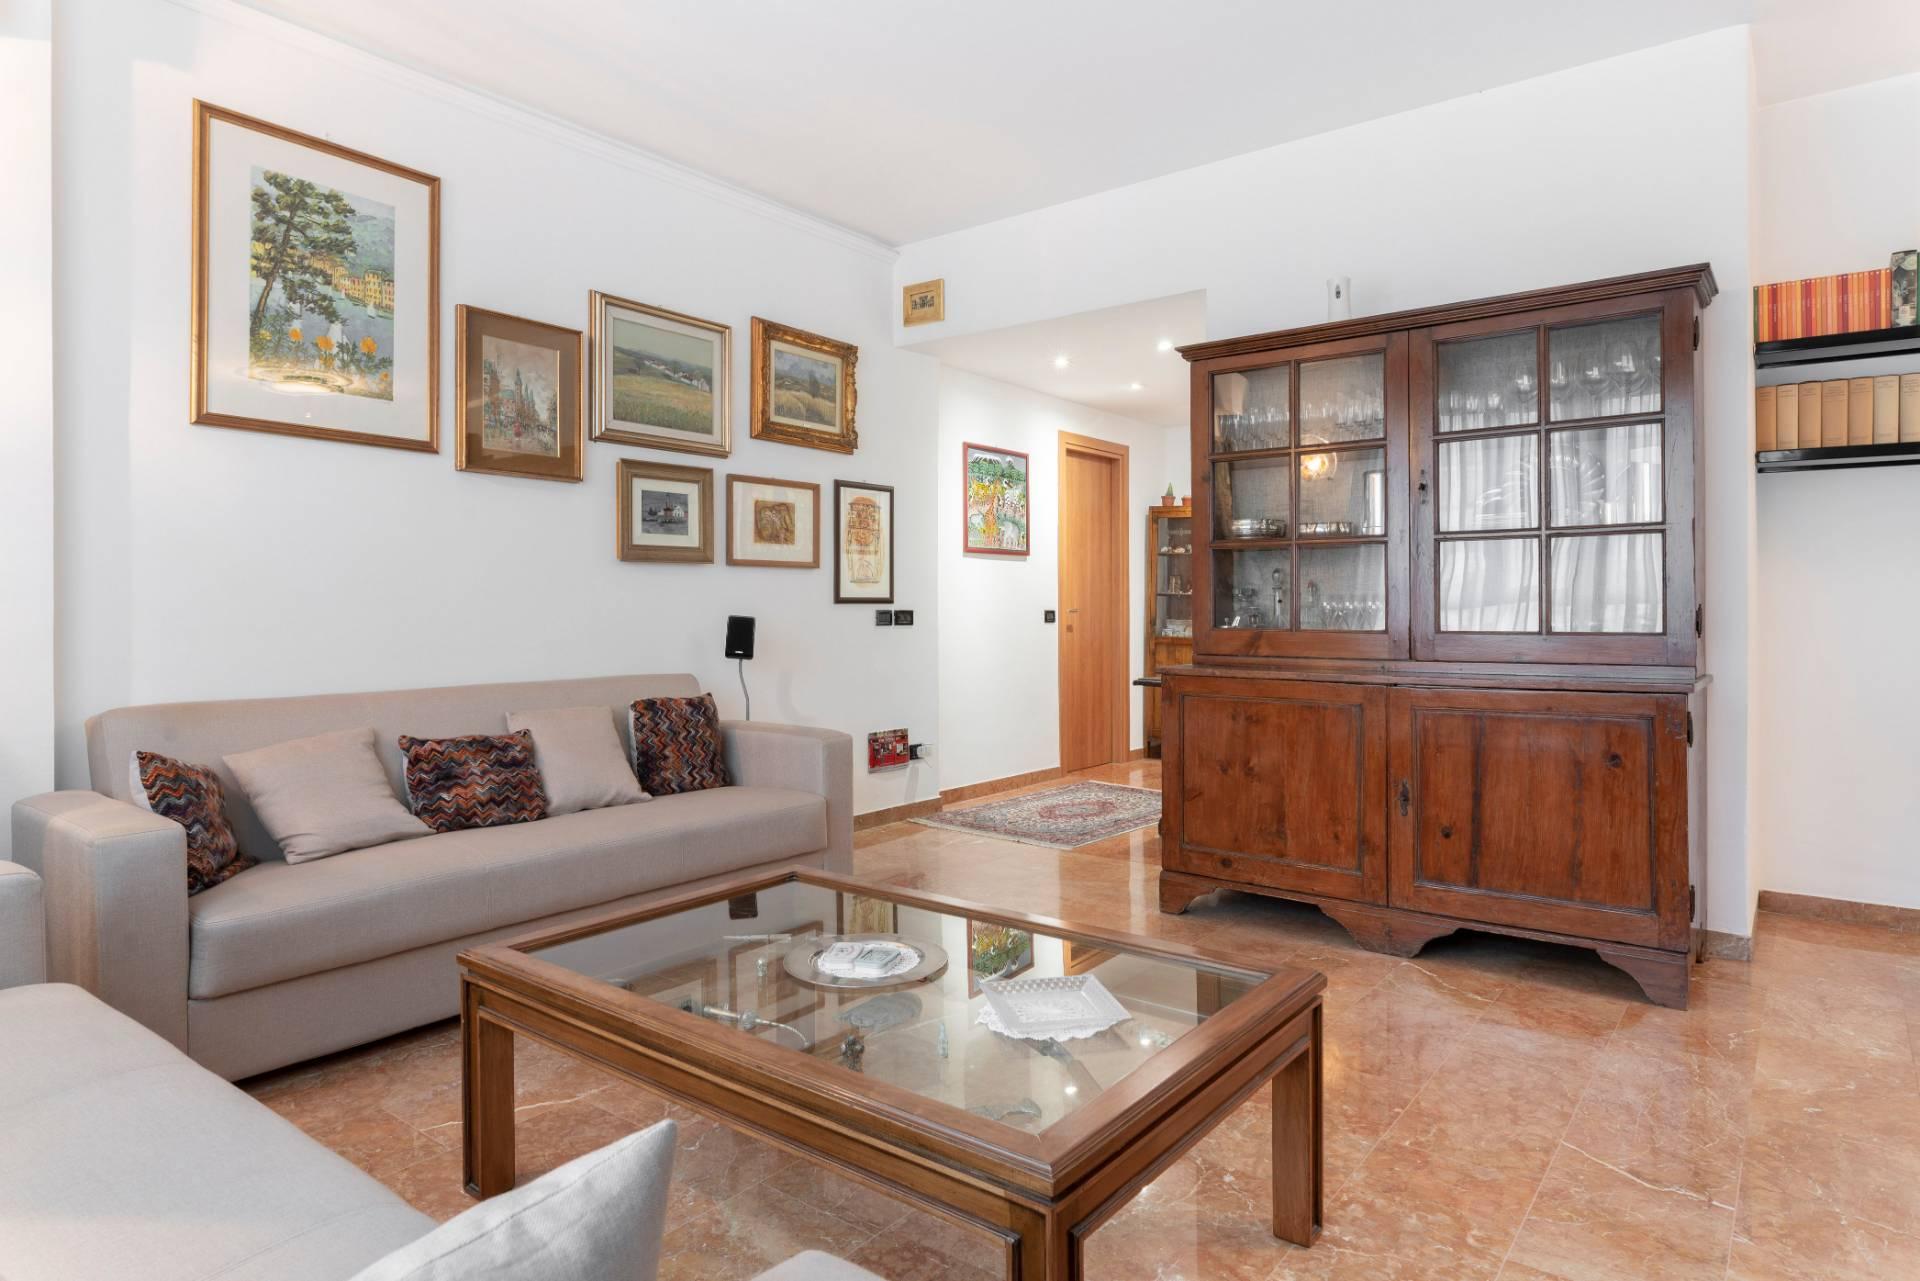 Appartamento in Vendita a Milano 18 Ippodromo / San Siro / Zavattari: 3 locali, 105 mq